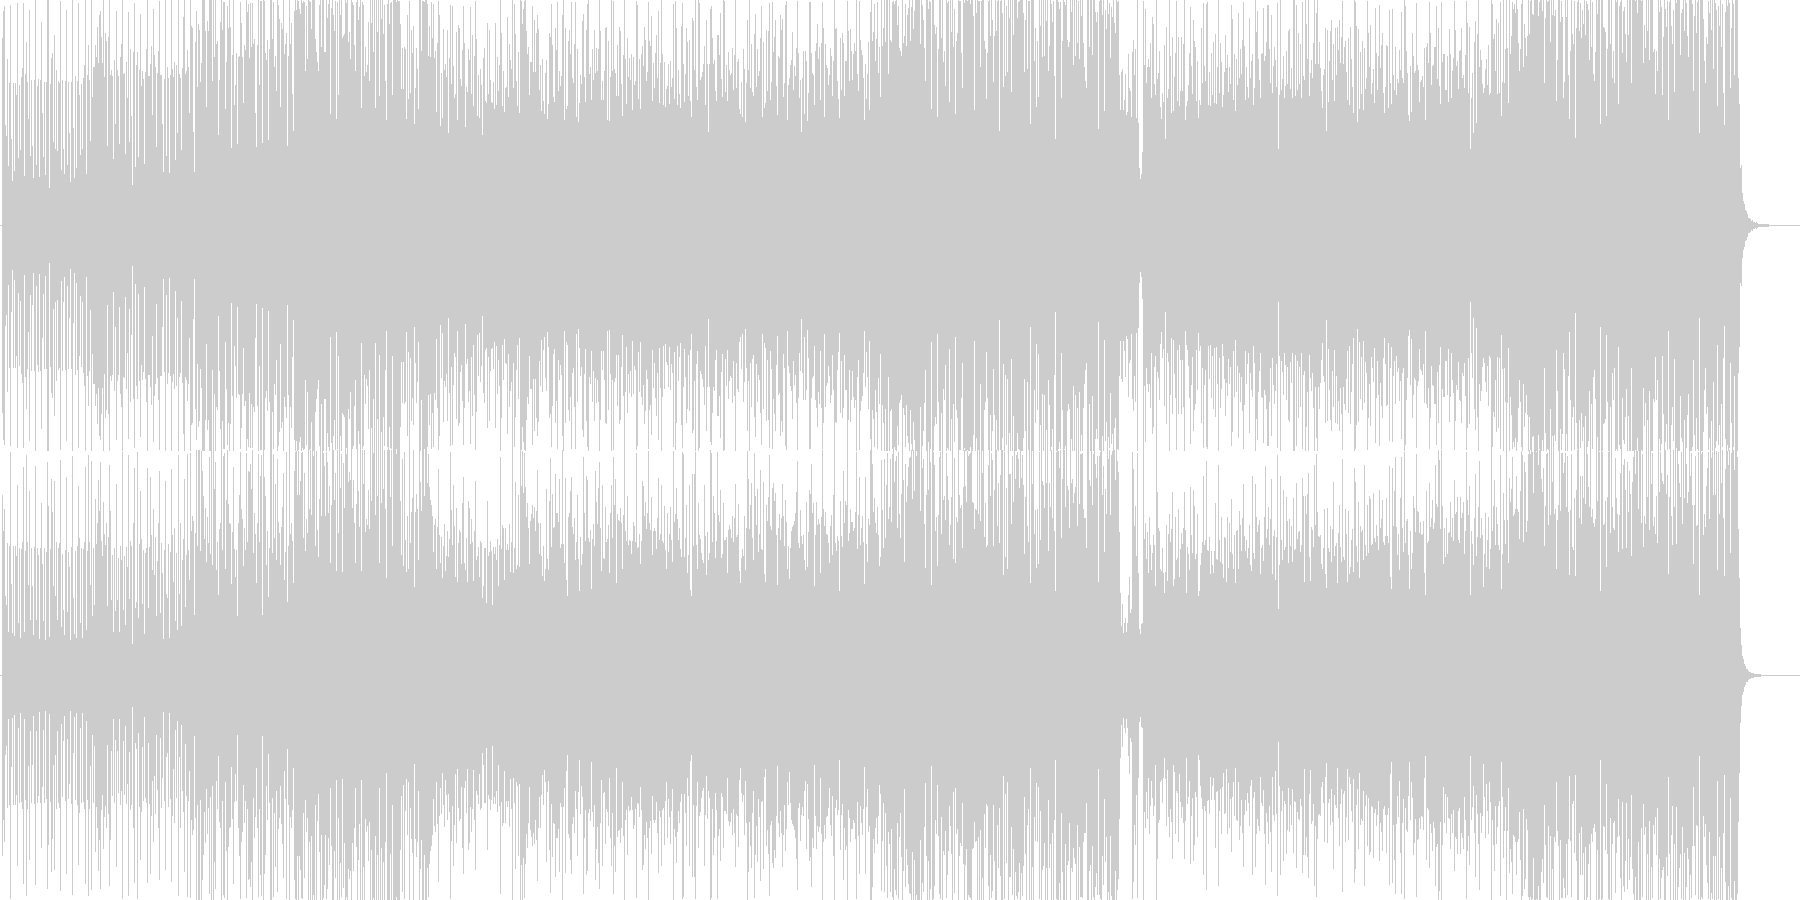 ピアノの旋律がおしゃれなジャズサンバの未再生の波形